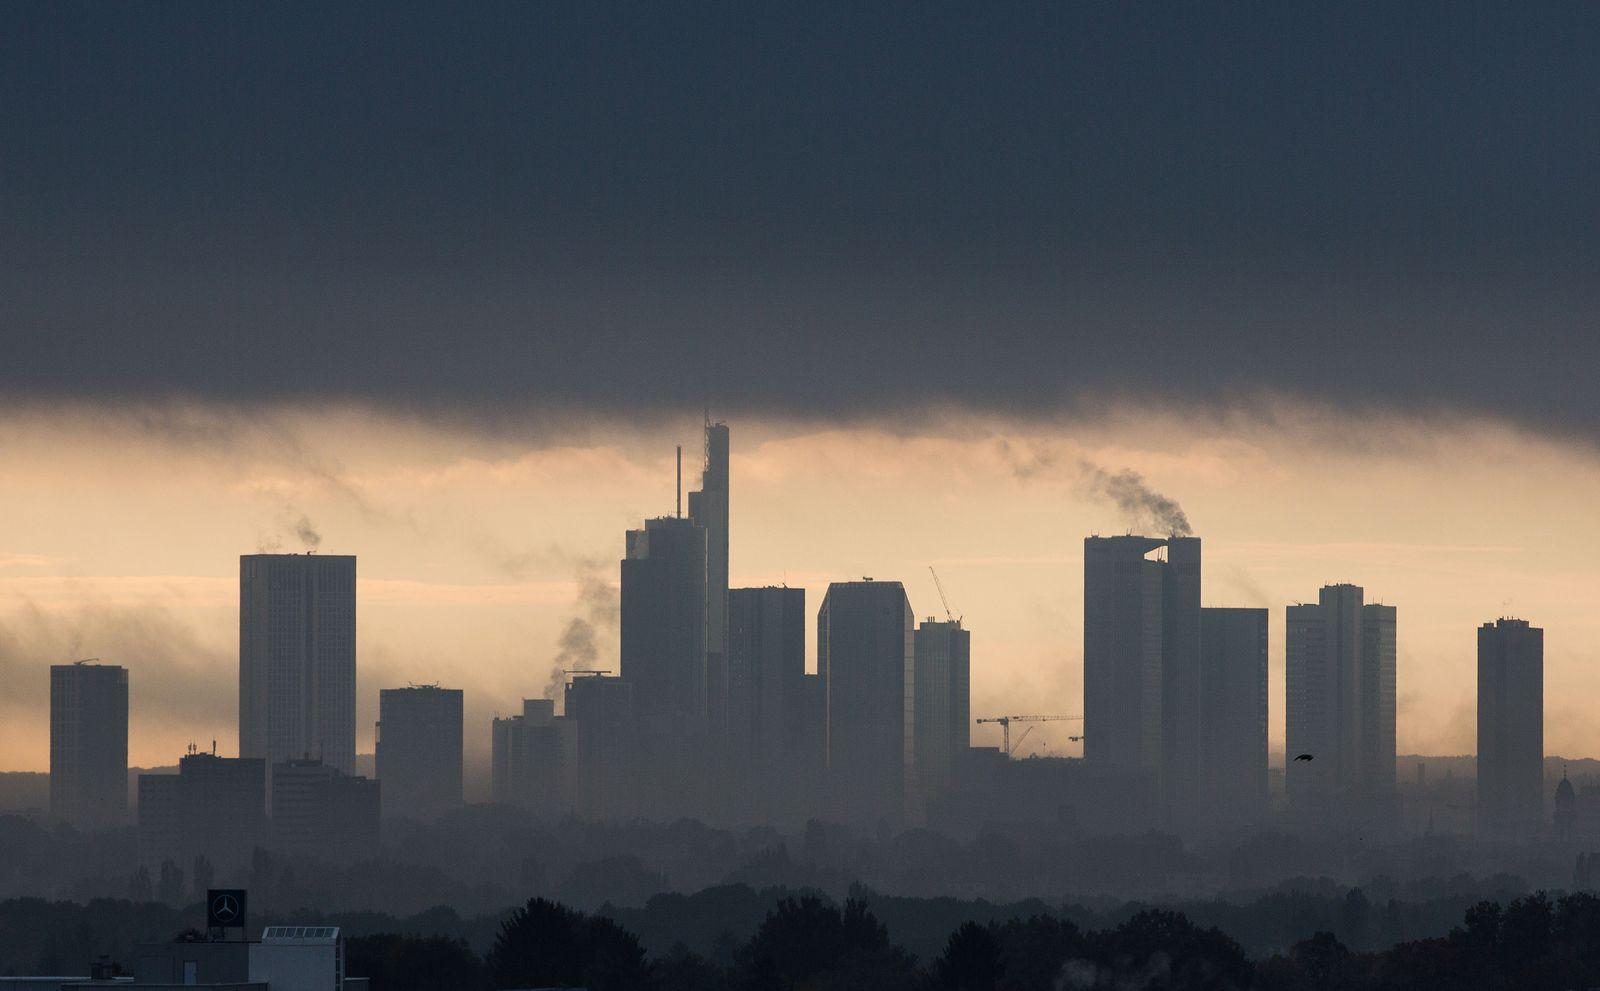 Frankfurt-Main / Skyline / Banken / Wolken